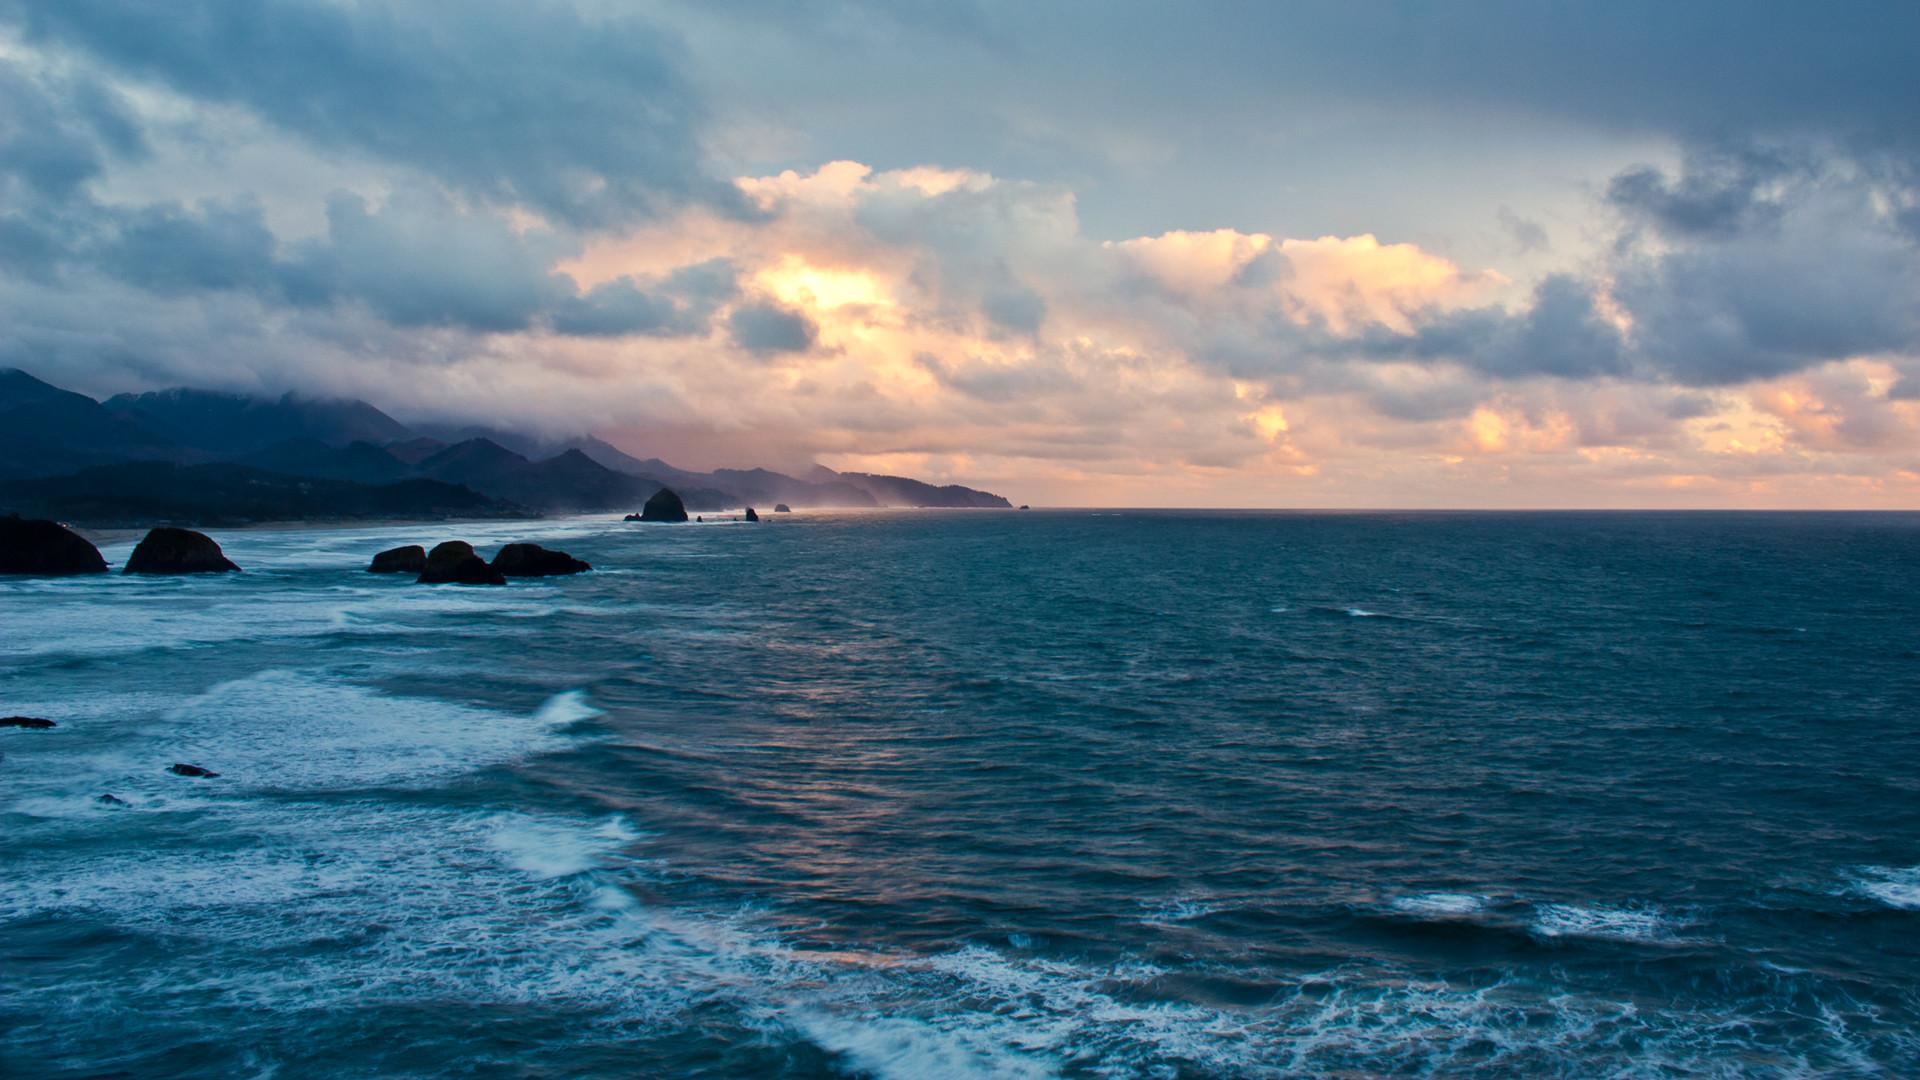 Ocean Wallpapers For Desktop